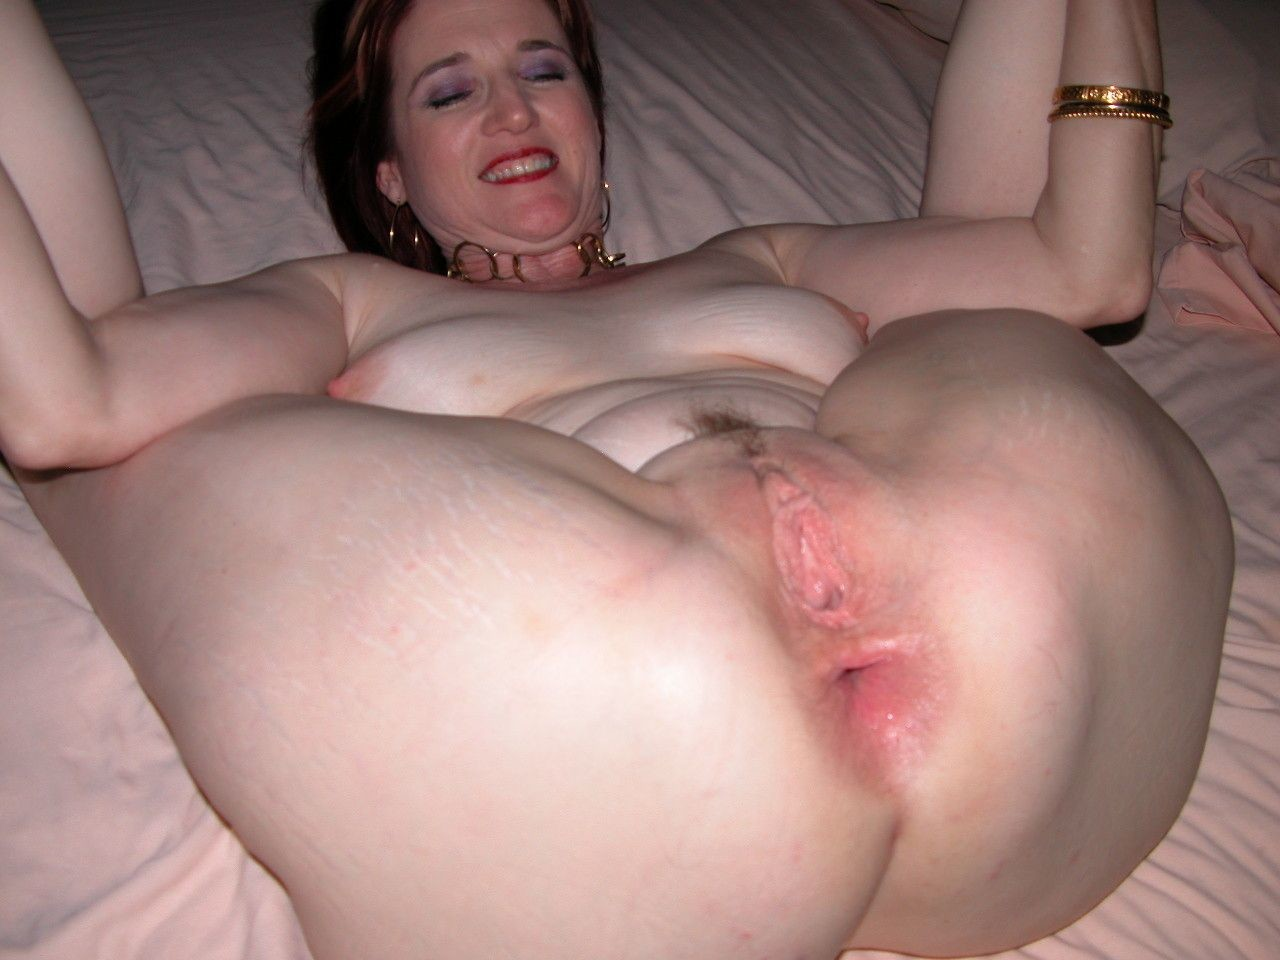 Home Porn Jpg Slut spread asshole, Schlampen spreizen ihre R